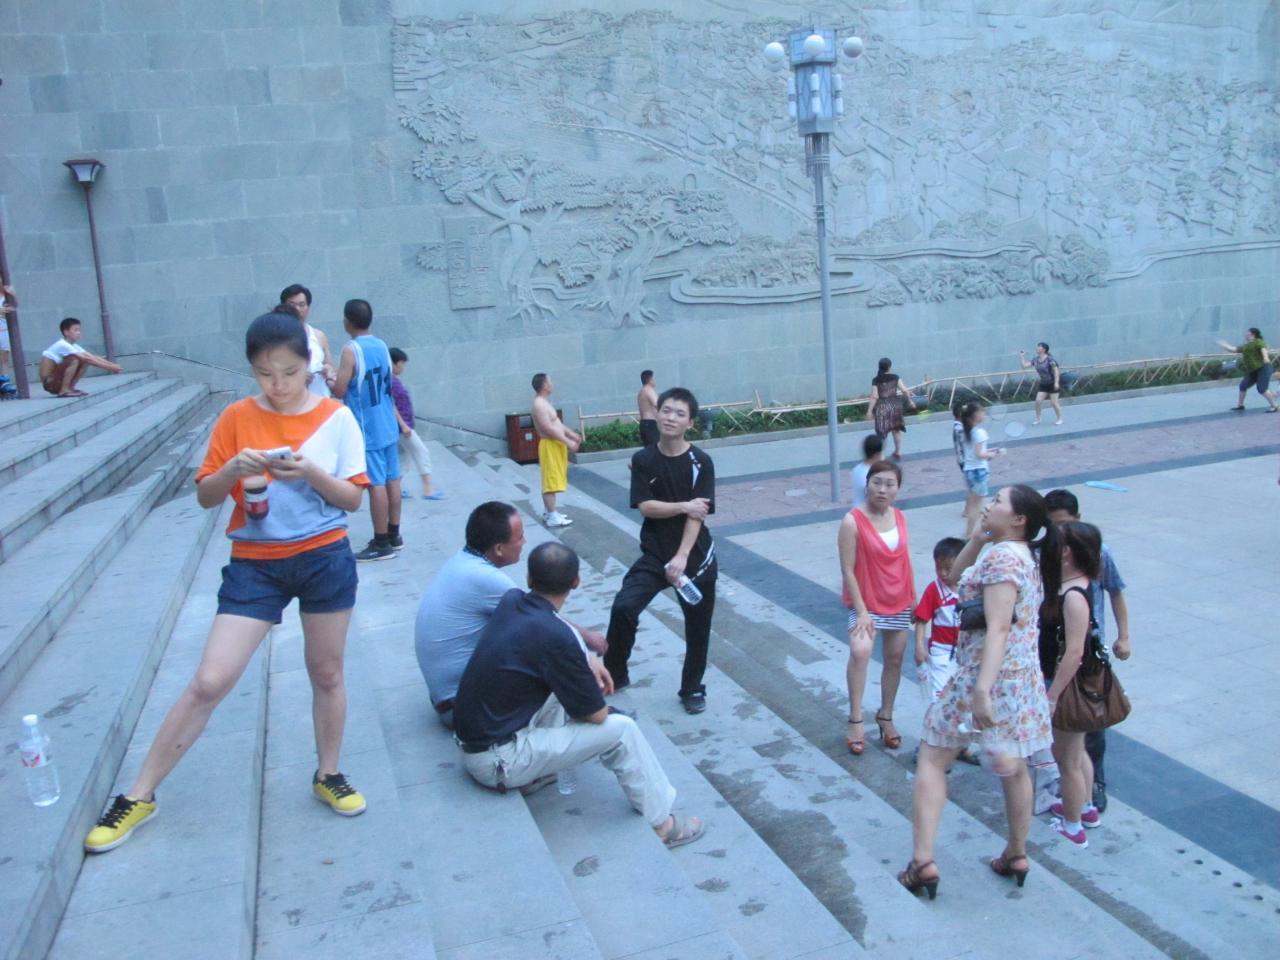 8月19号网友线下活动:登凤凰山